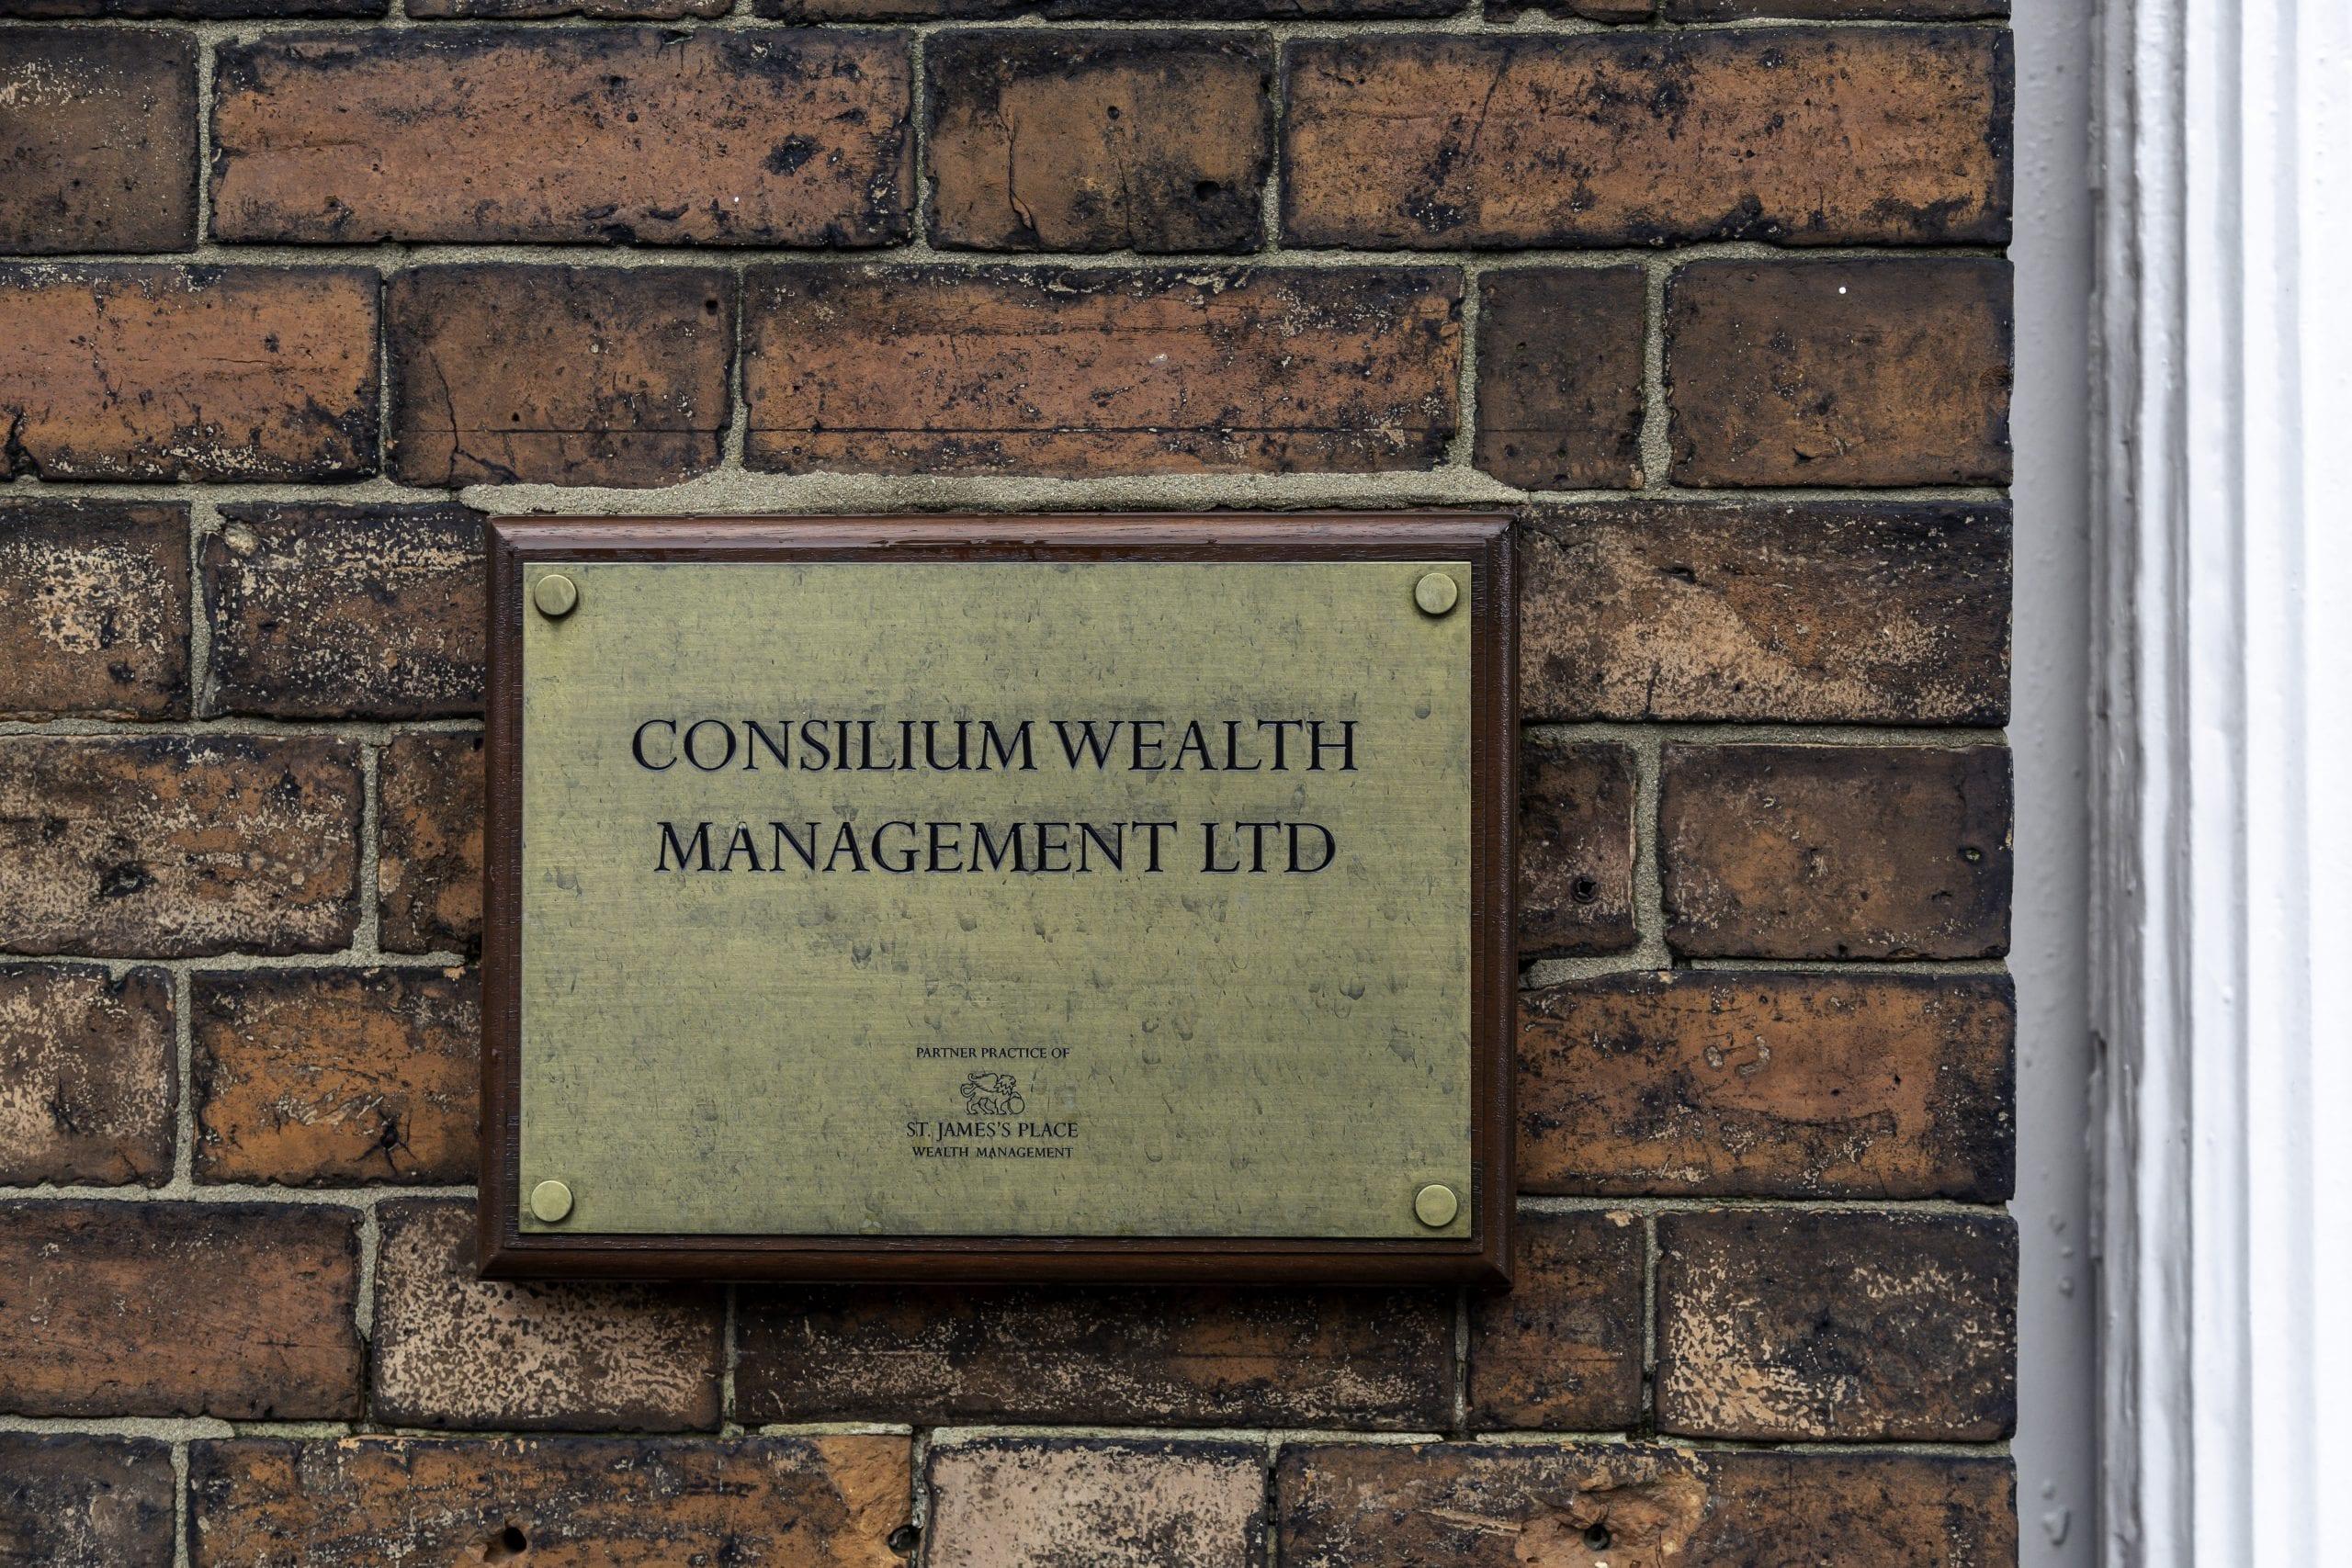 Consilium Wealth Management image